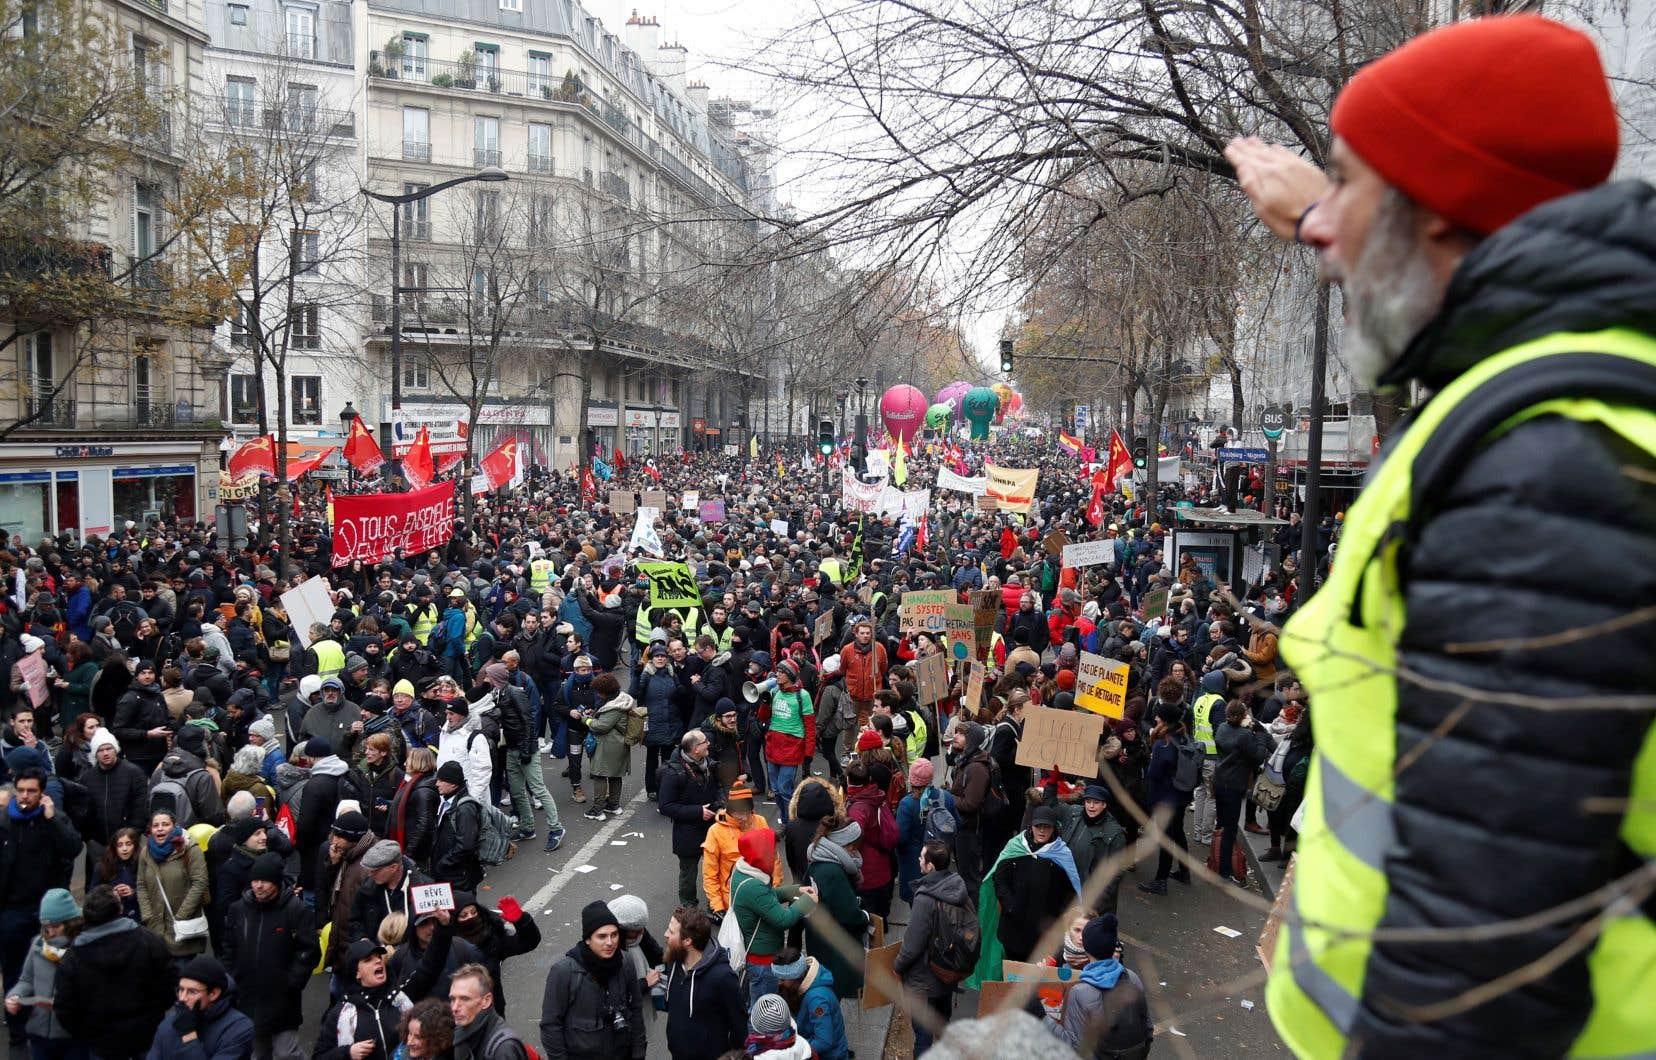 Plusieurs marches de protestation contre la réforme projetée des retraites se sont déroulées dans diverses villes de France, jeudi. Des incidents ont éclaté à certains endroits, notamment à Paris et à Toulouse.